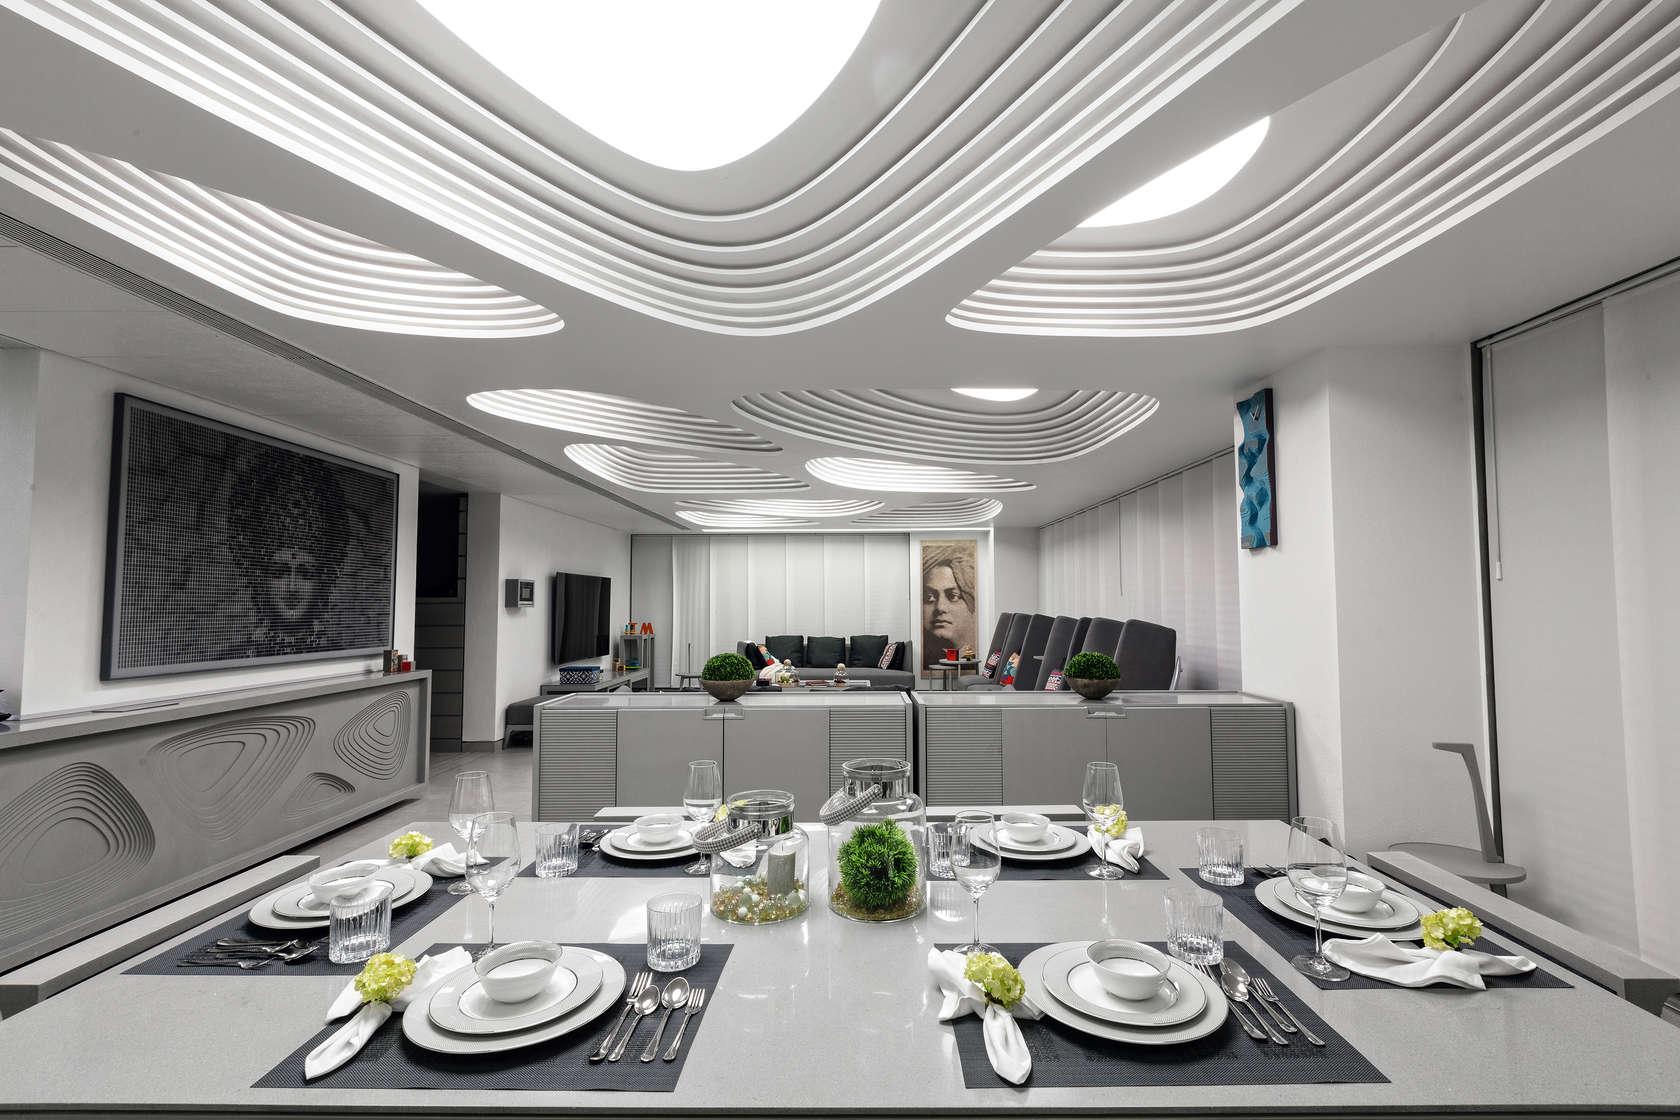 Многослойный потолок в интерьере конструктивизма